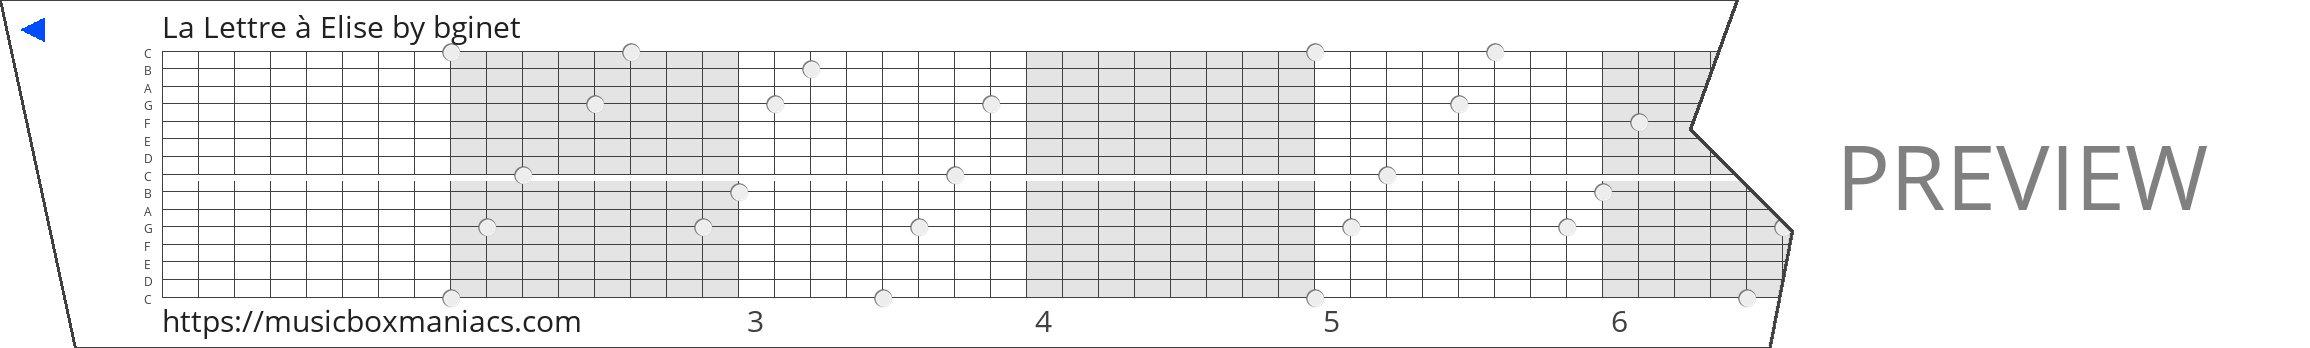 La Lettre à Elise 15 note music box paper strip